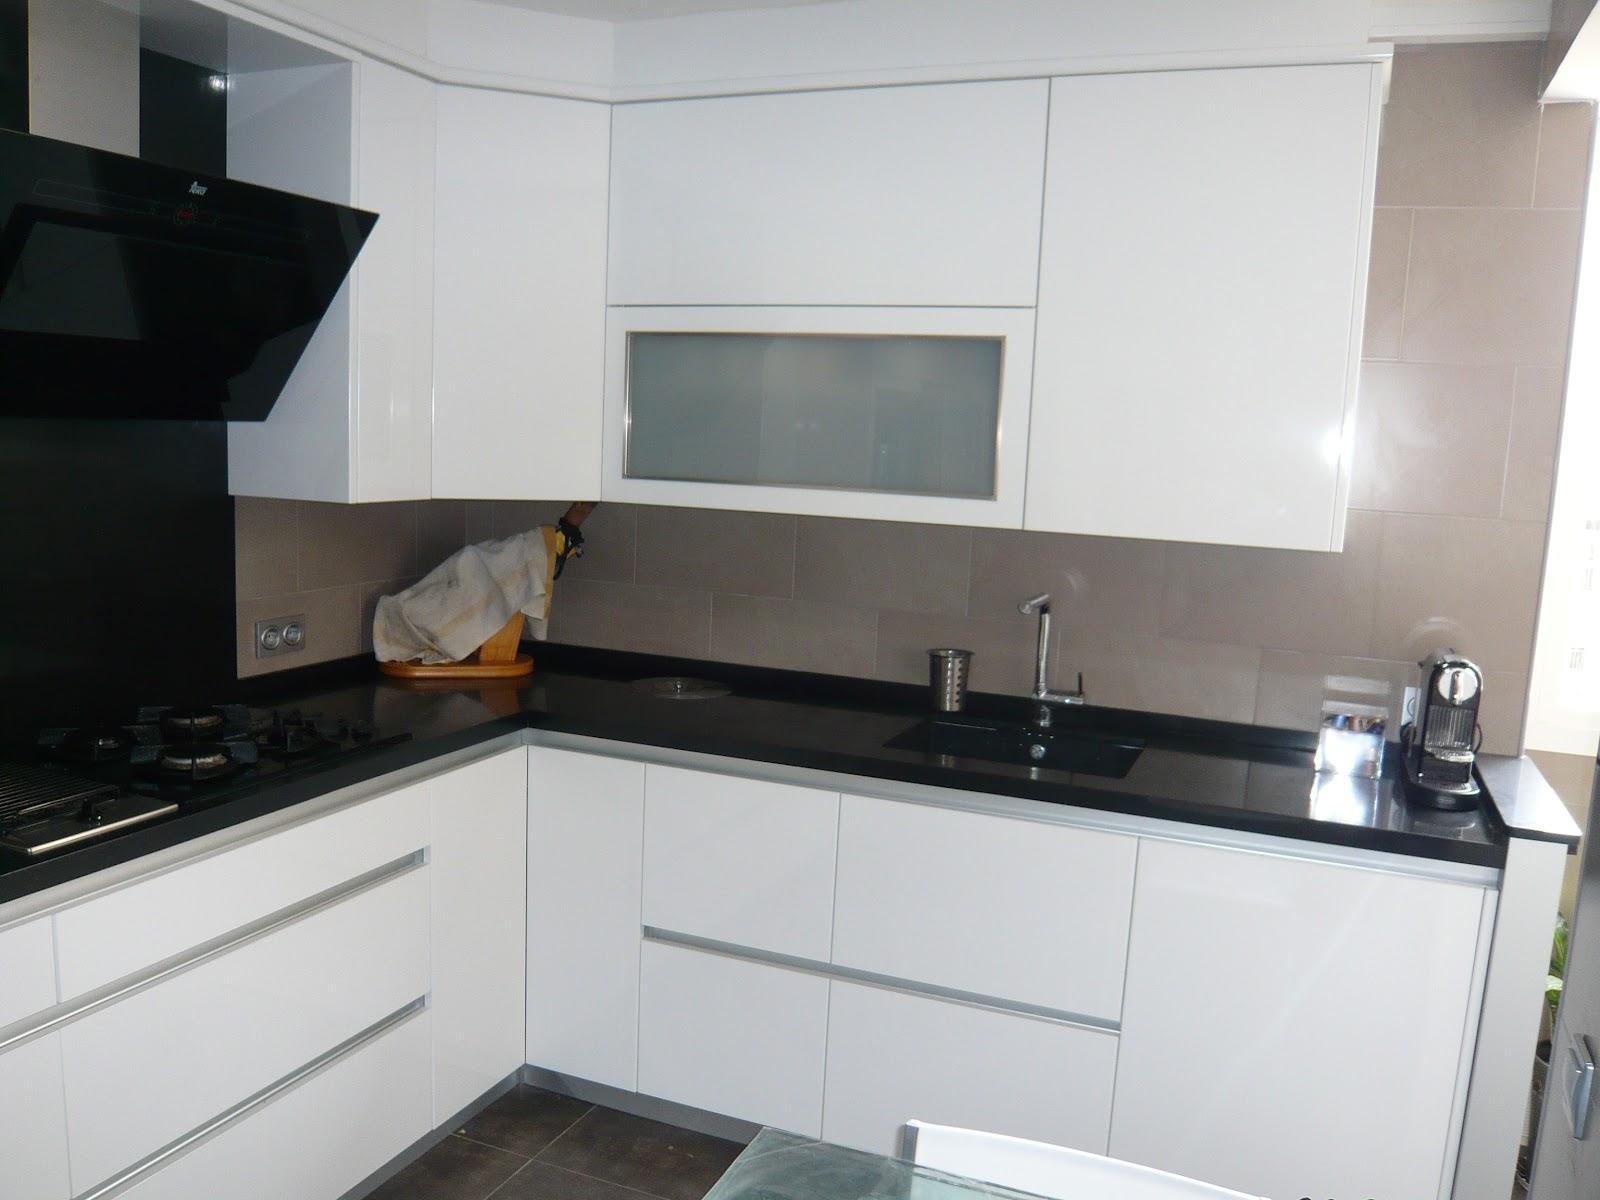 reuscuina muebles de cocina blanco brillo sin tiradores